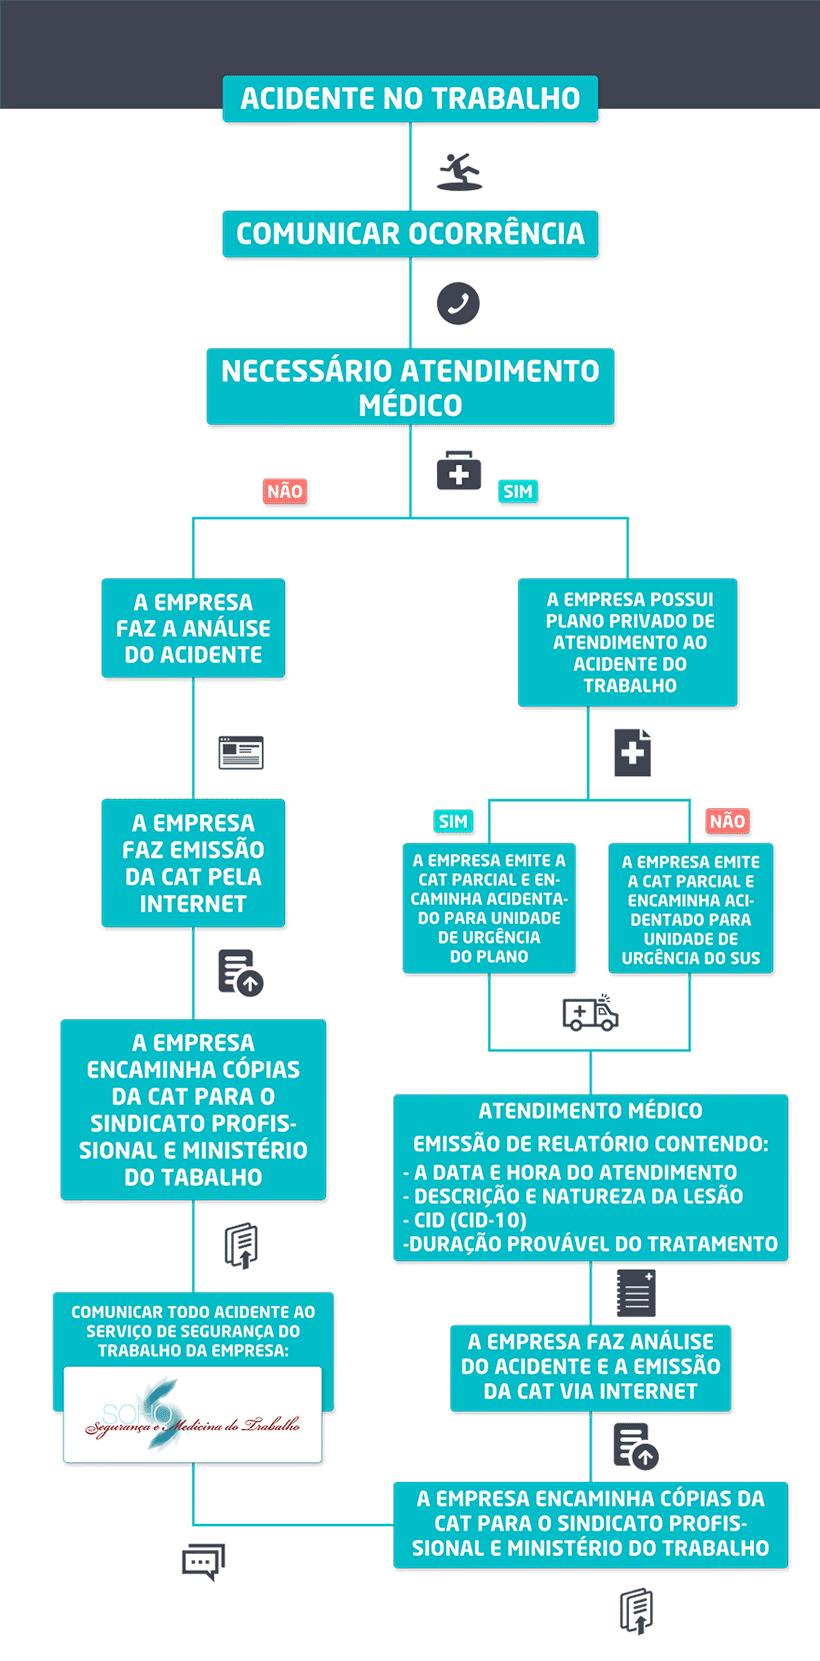 Aplicação do formulário de avaliação da mamada em recémnascidos à termo na promoção do aleitamento materno 7